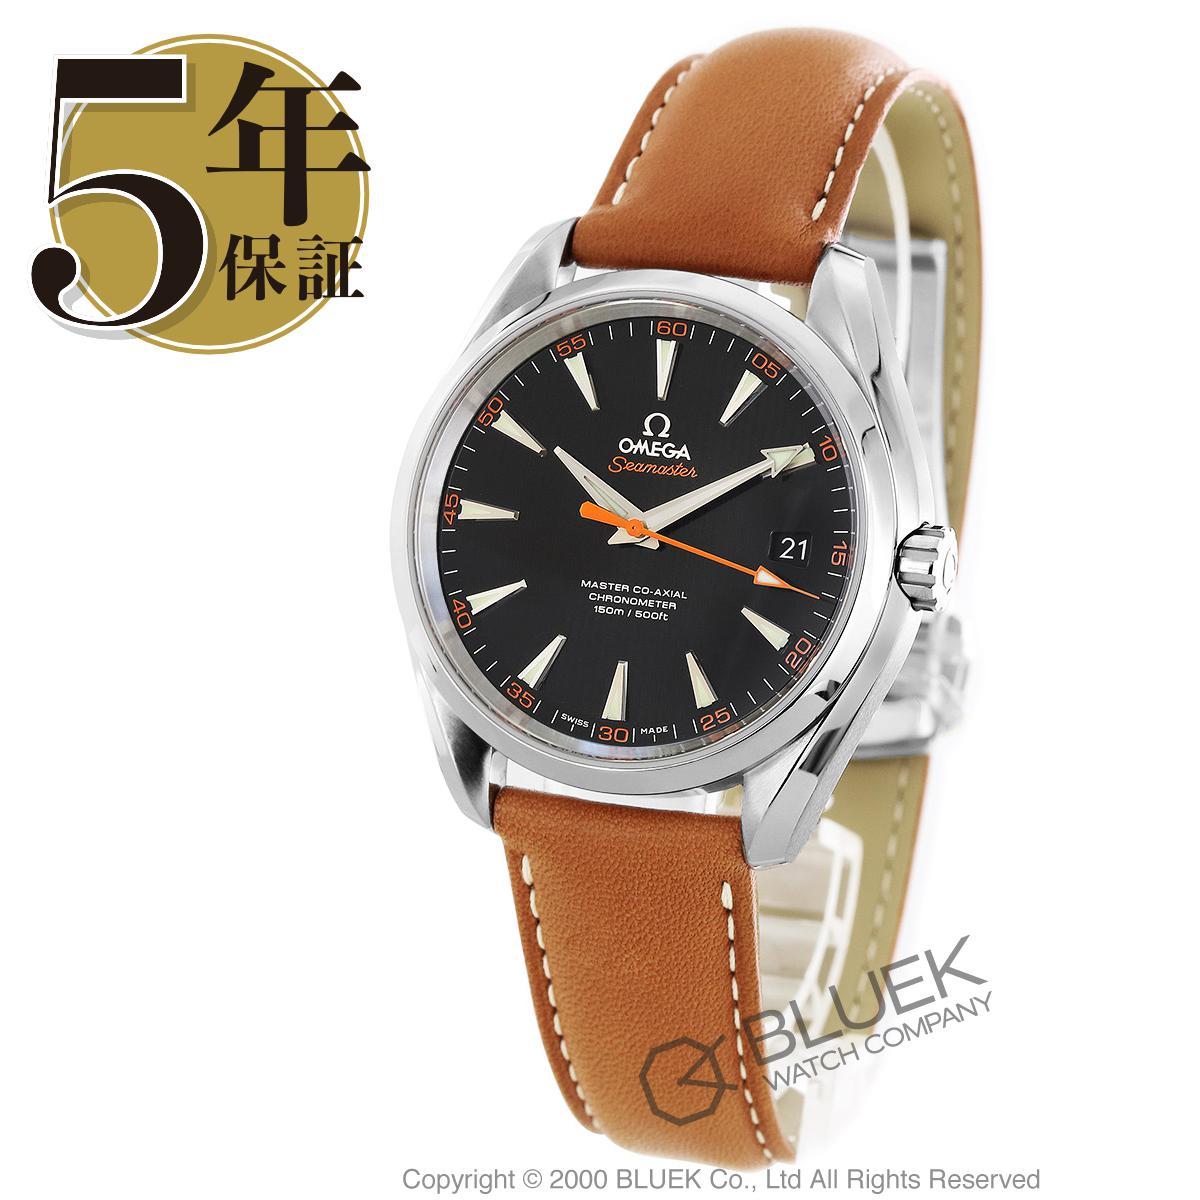 オメガ シーマスター アクアテラ 腕時計 メンズ OMEGA 231.12.42.21.01.002_5